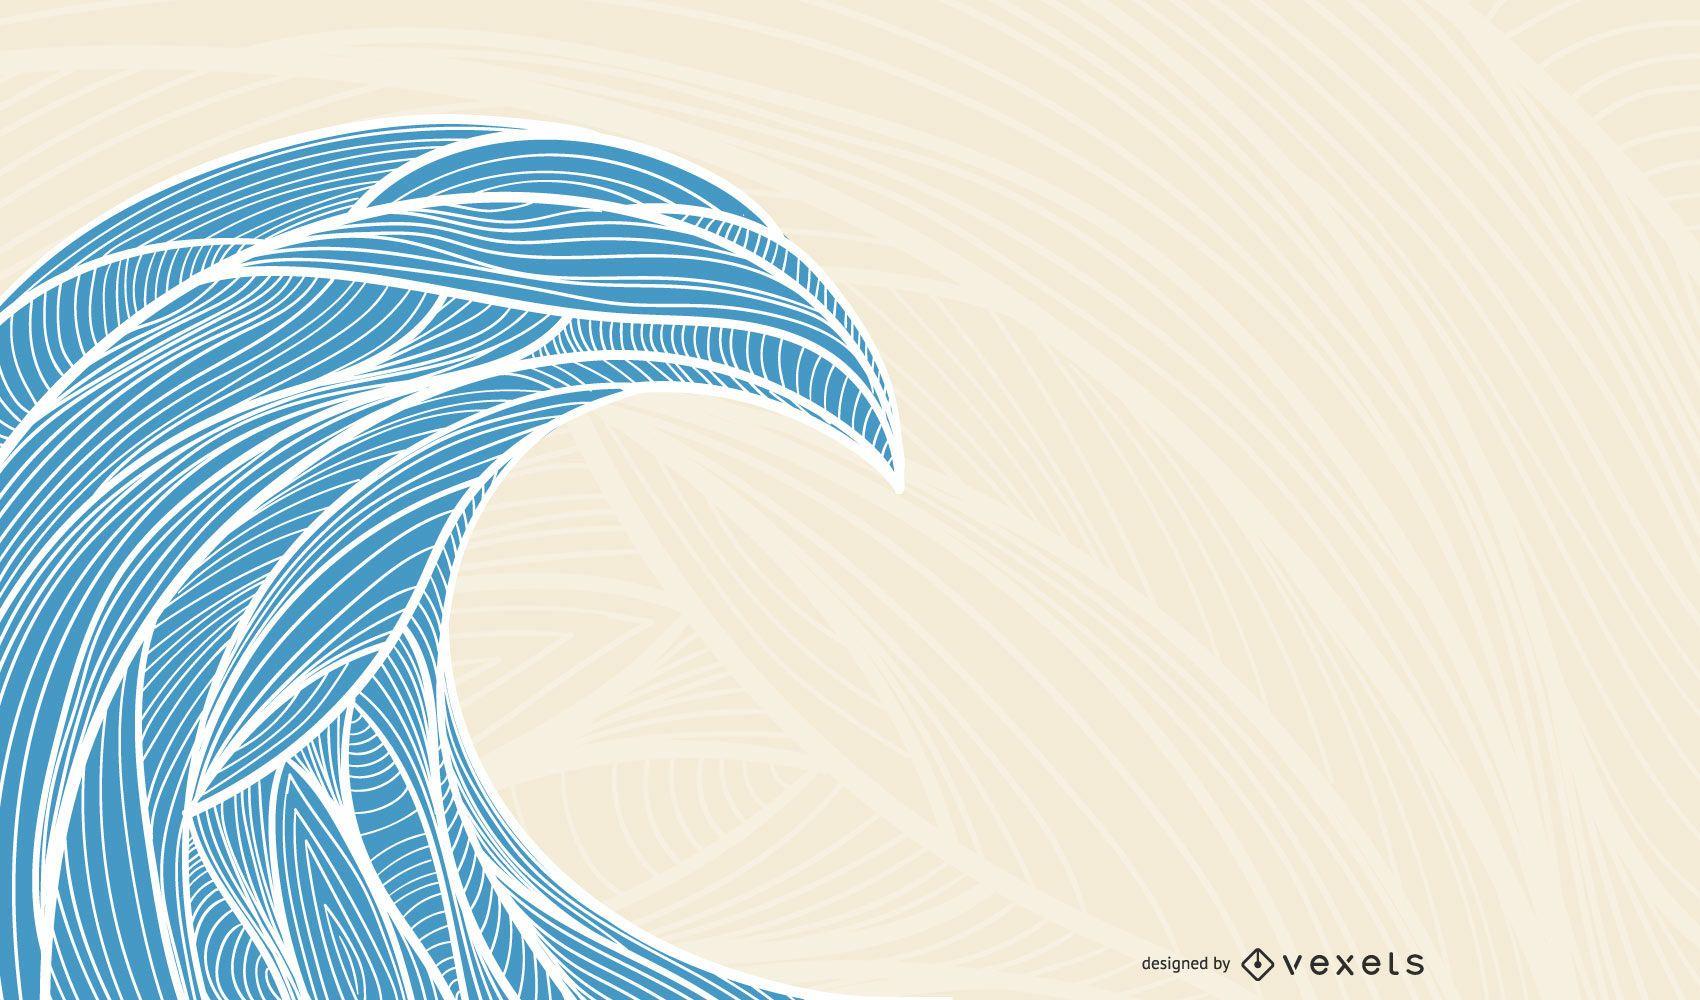 Wave Illustration Vector Design